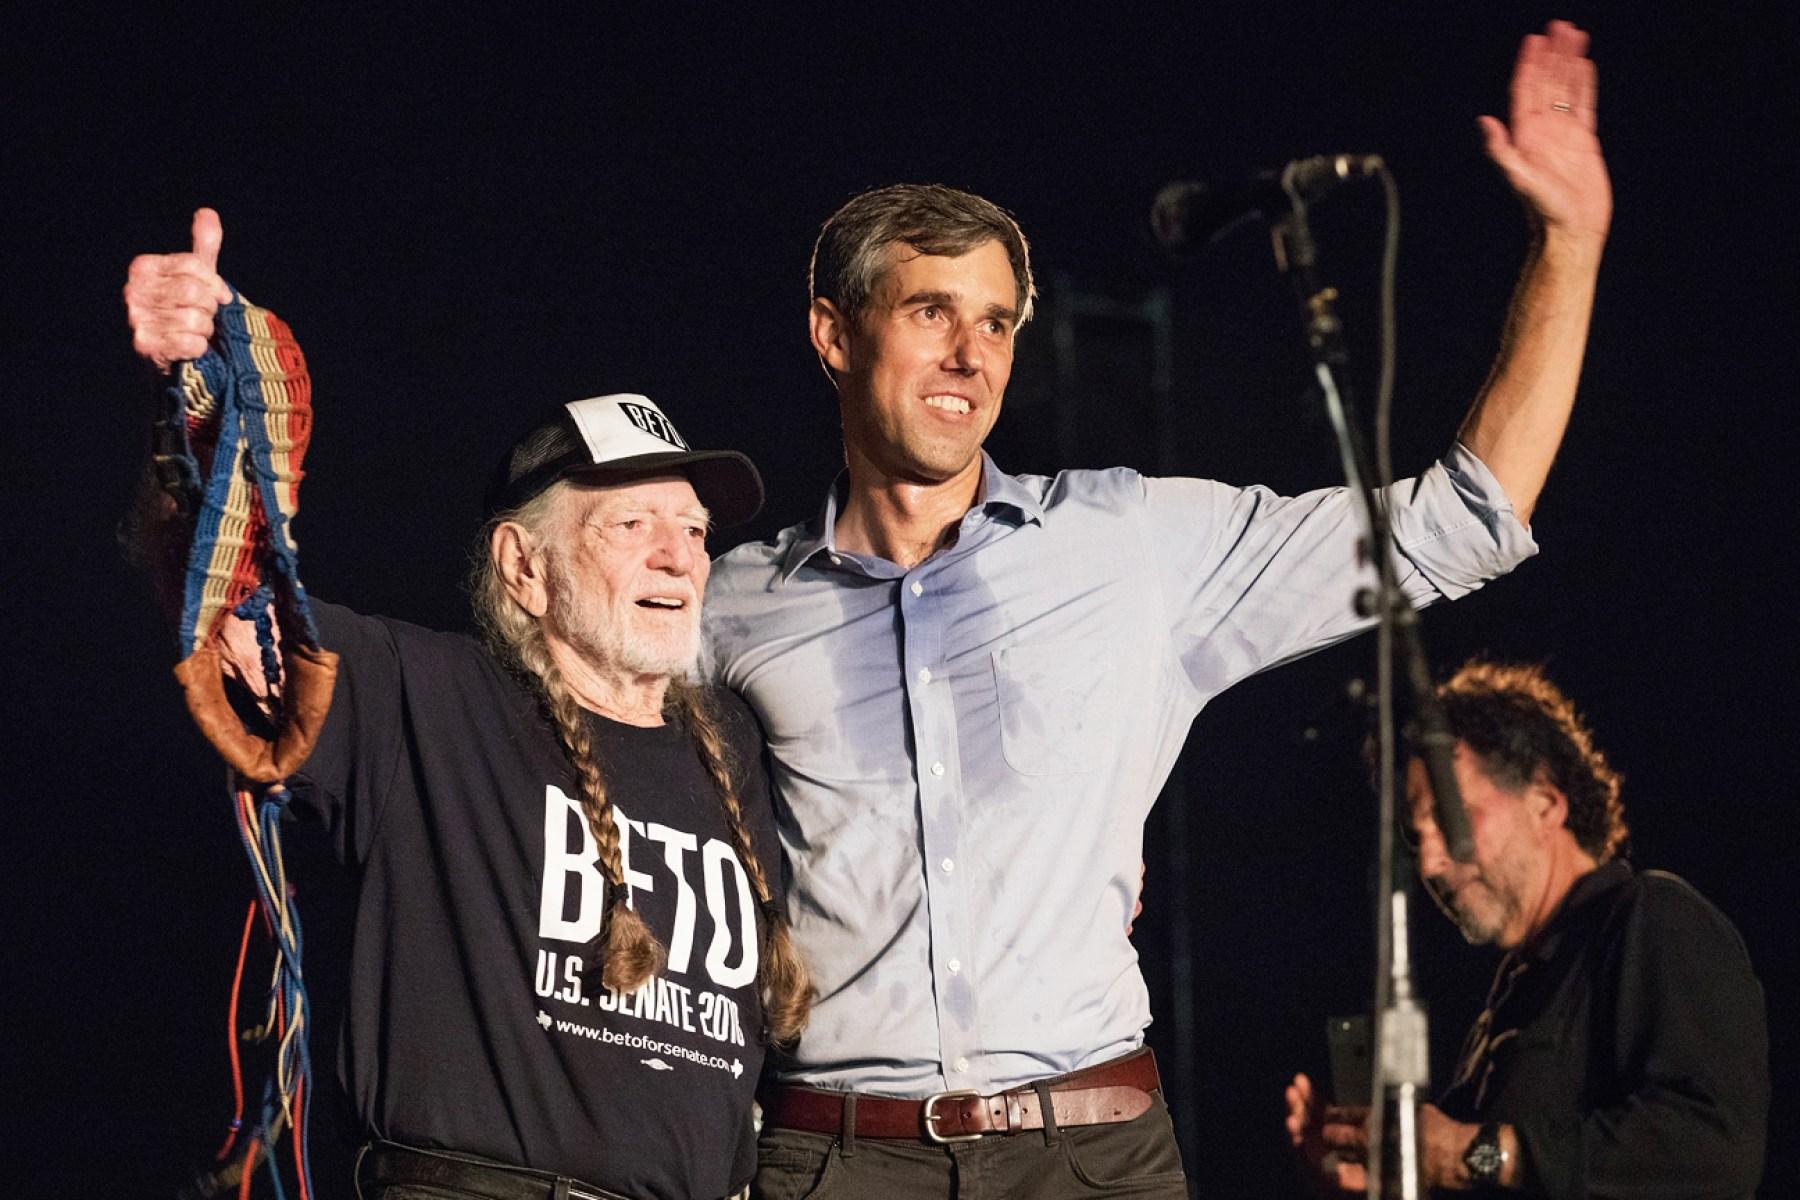 Willie Nelson and Beto O'Rourke on September 29, 2018 in Austin, Texas.